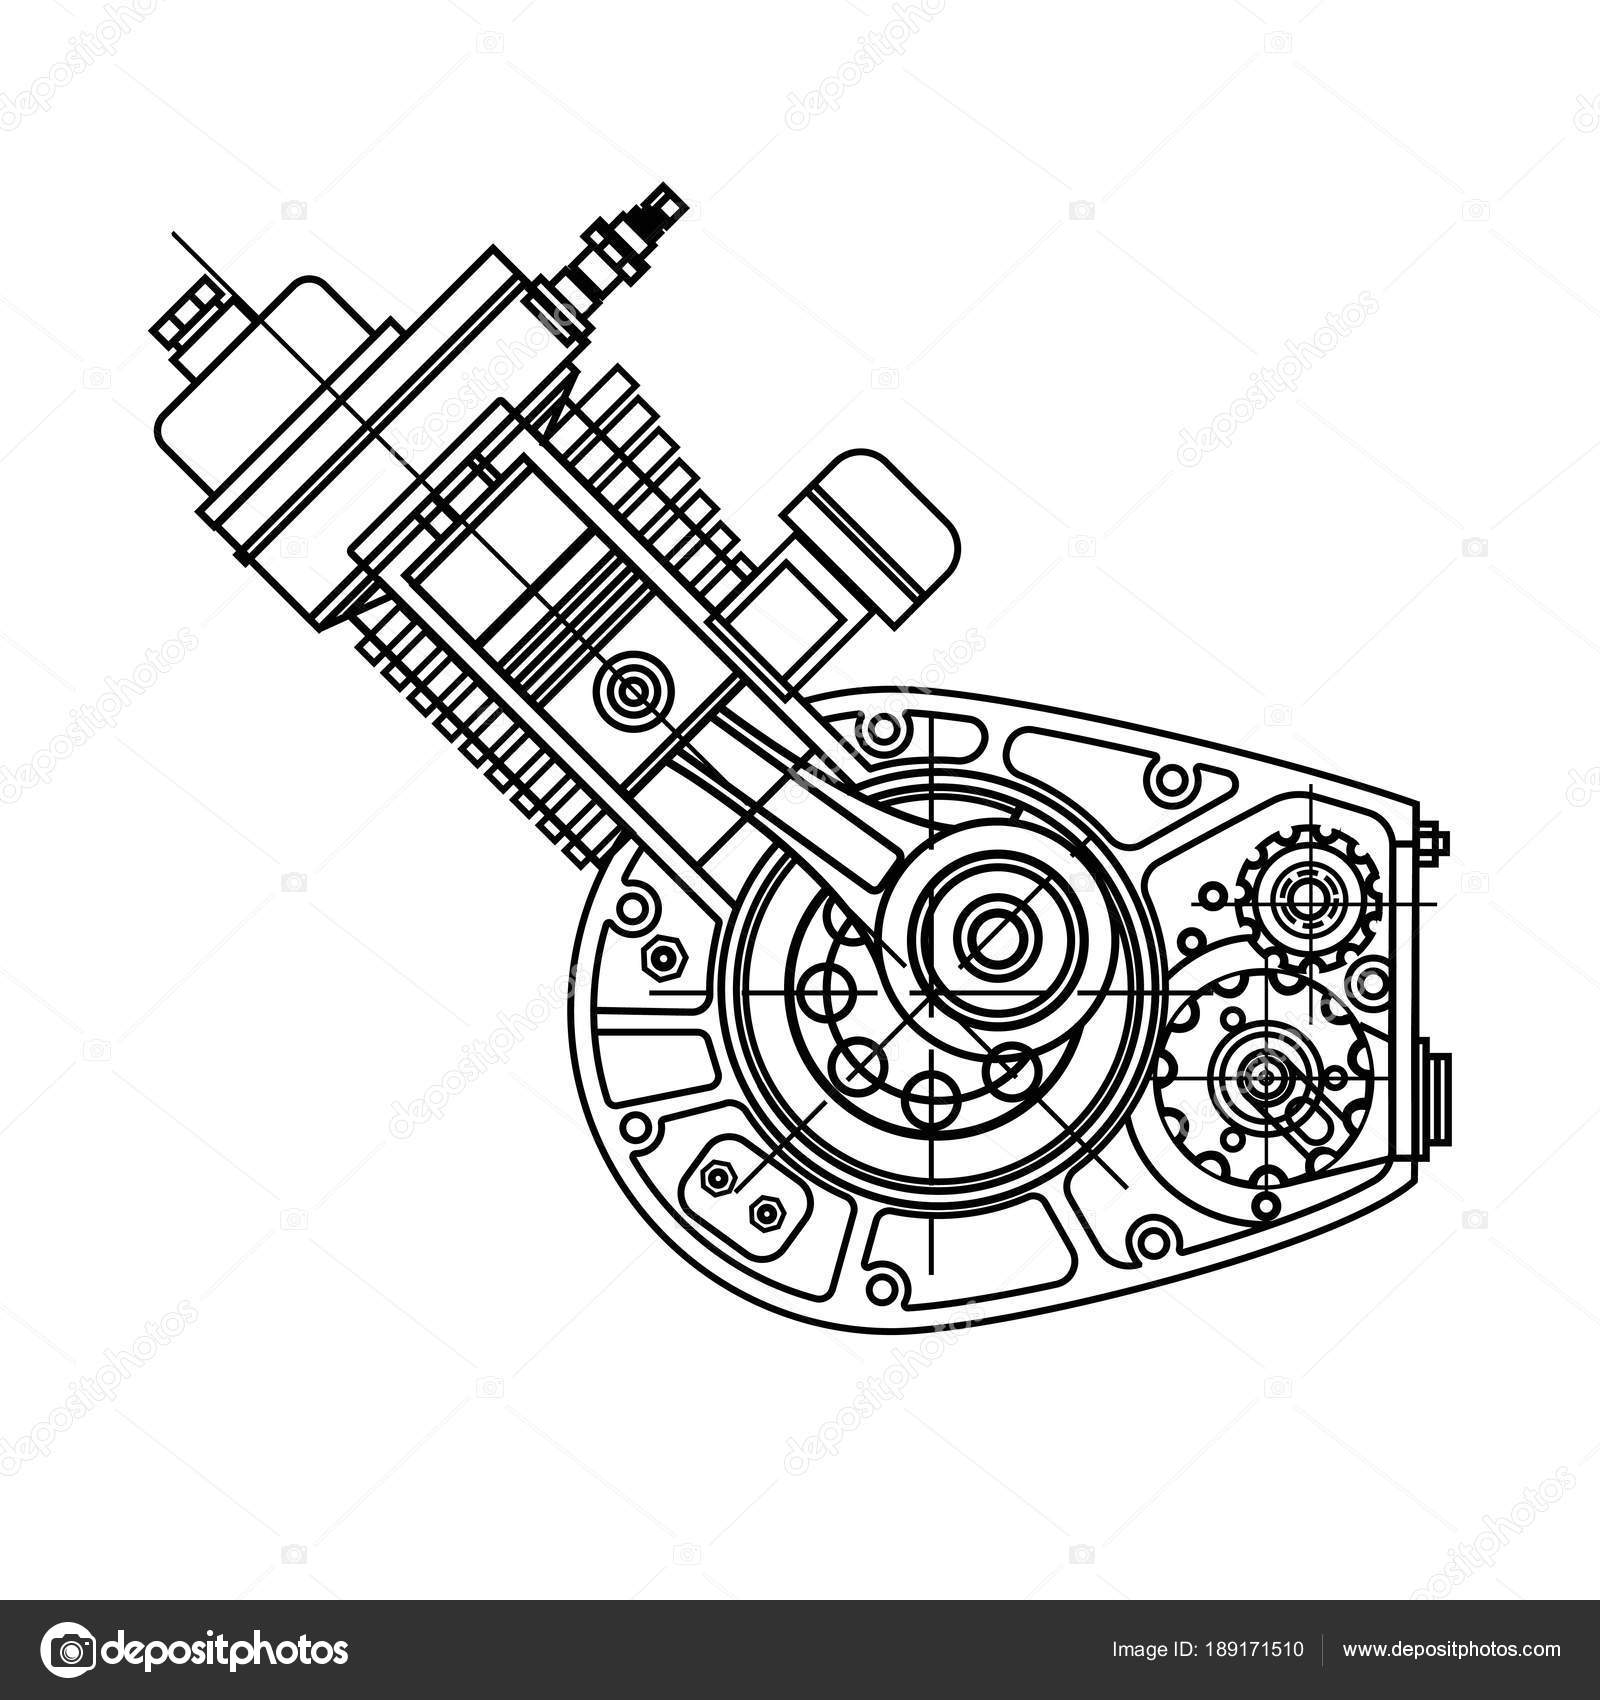 Dibujo Motor Moto Diseño De Motor De Moto Aislado En Fondo